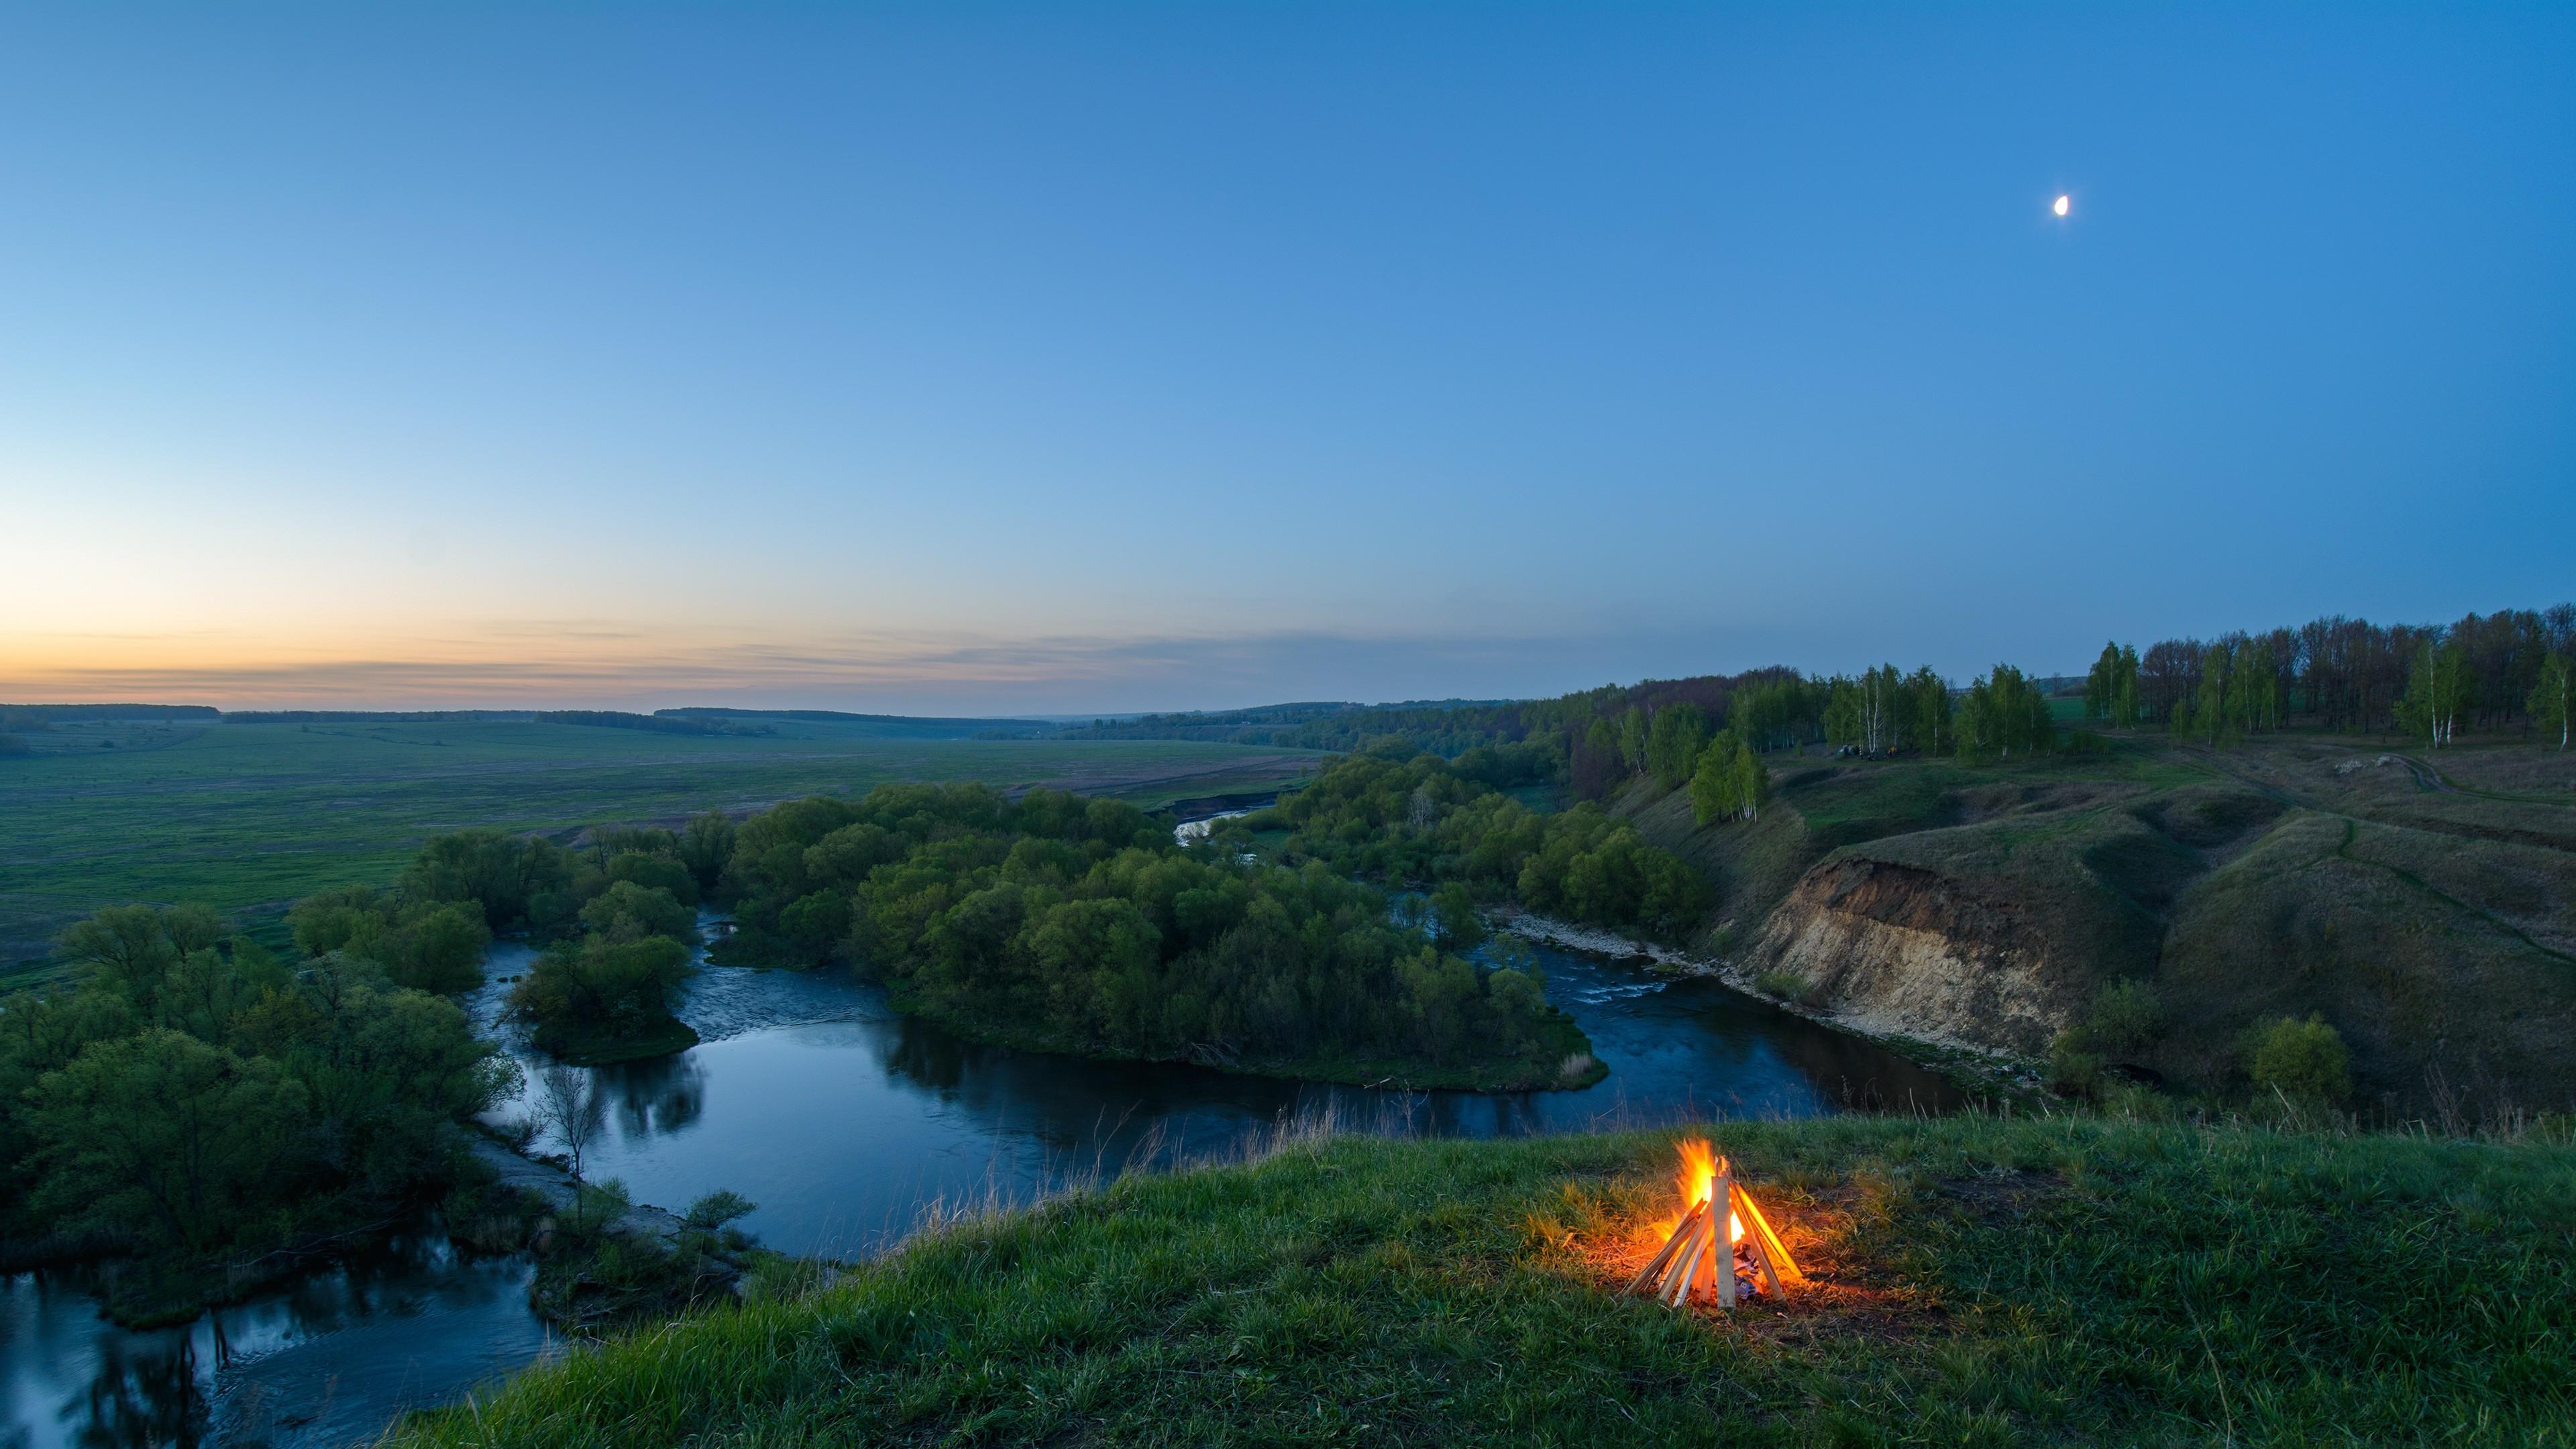 Camp Fire Near Lake 4K Ultra HD Desktop Wallpaper Uploaded by DesktopWalls